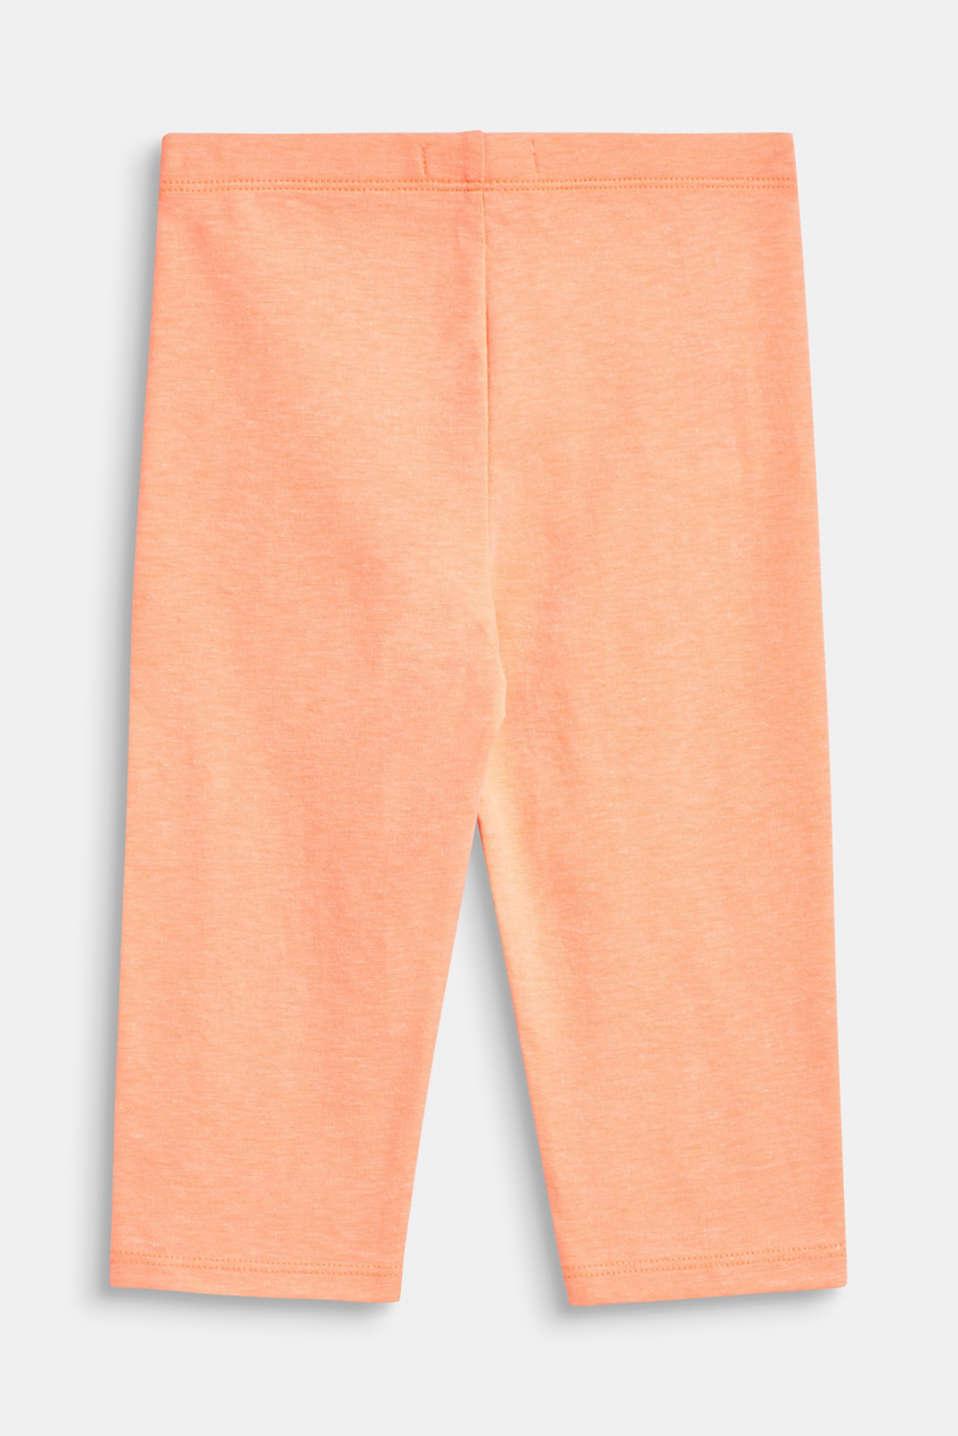 Melange, capri-length leggings, NEON CORAL, detail image number 1